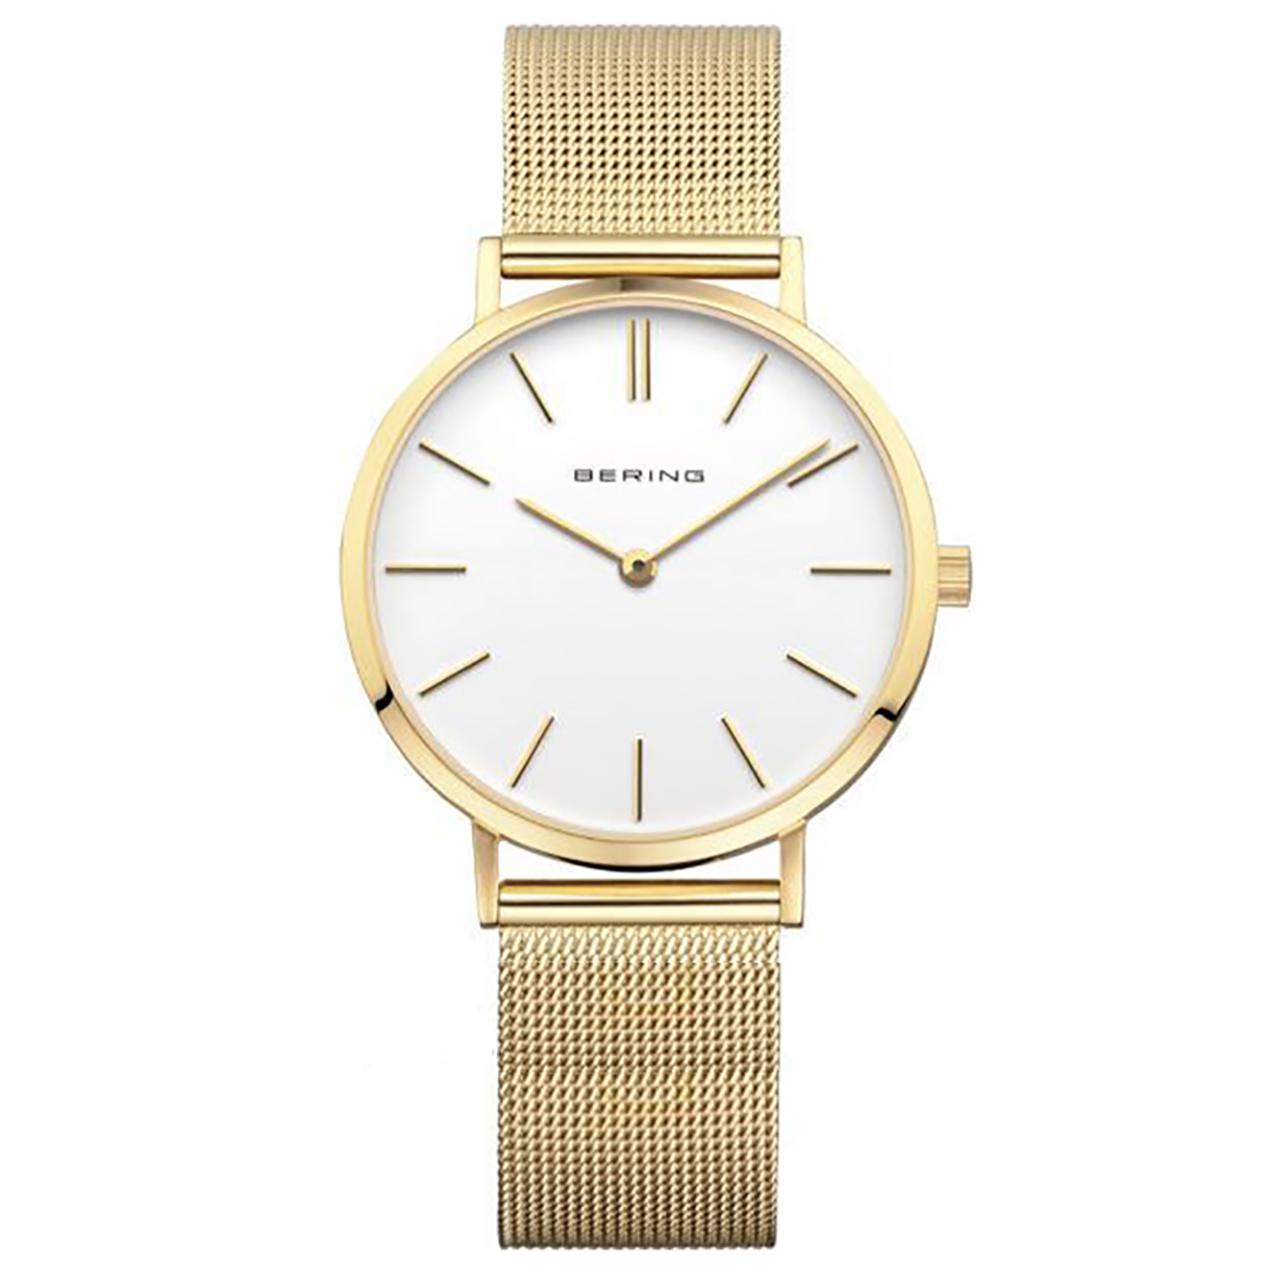 خرید ساعت مچی عقربه ای زنانه برینگ مدل B14134-331